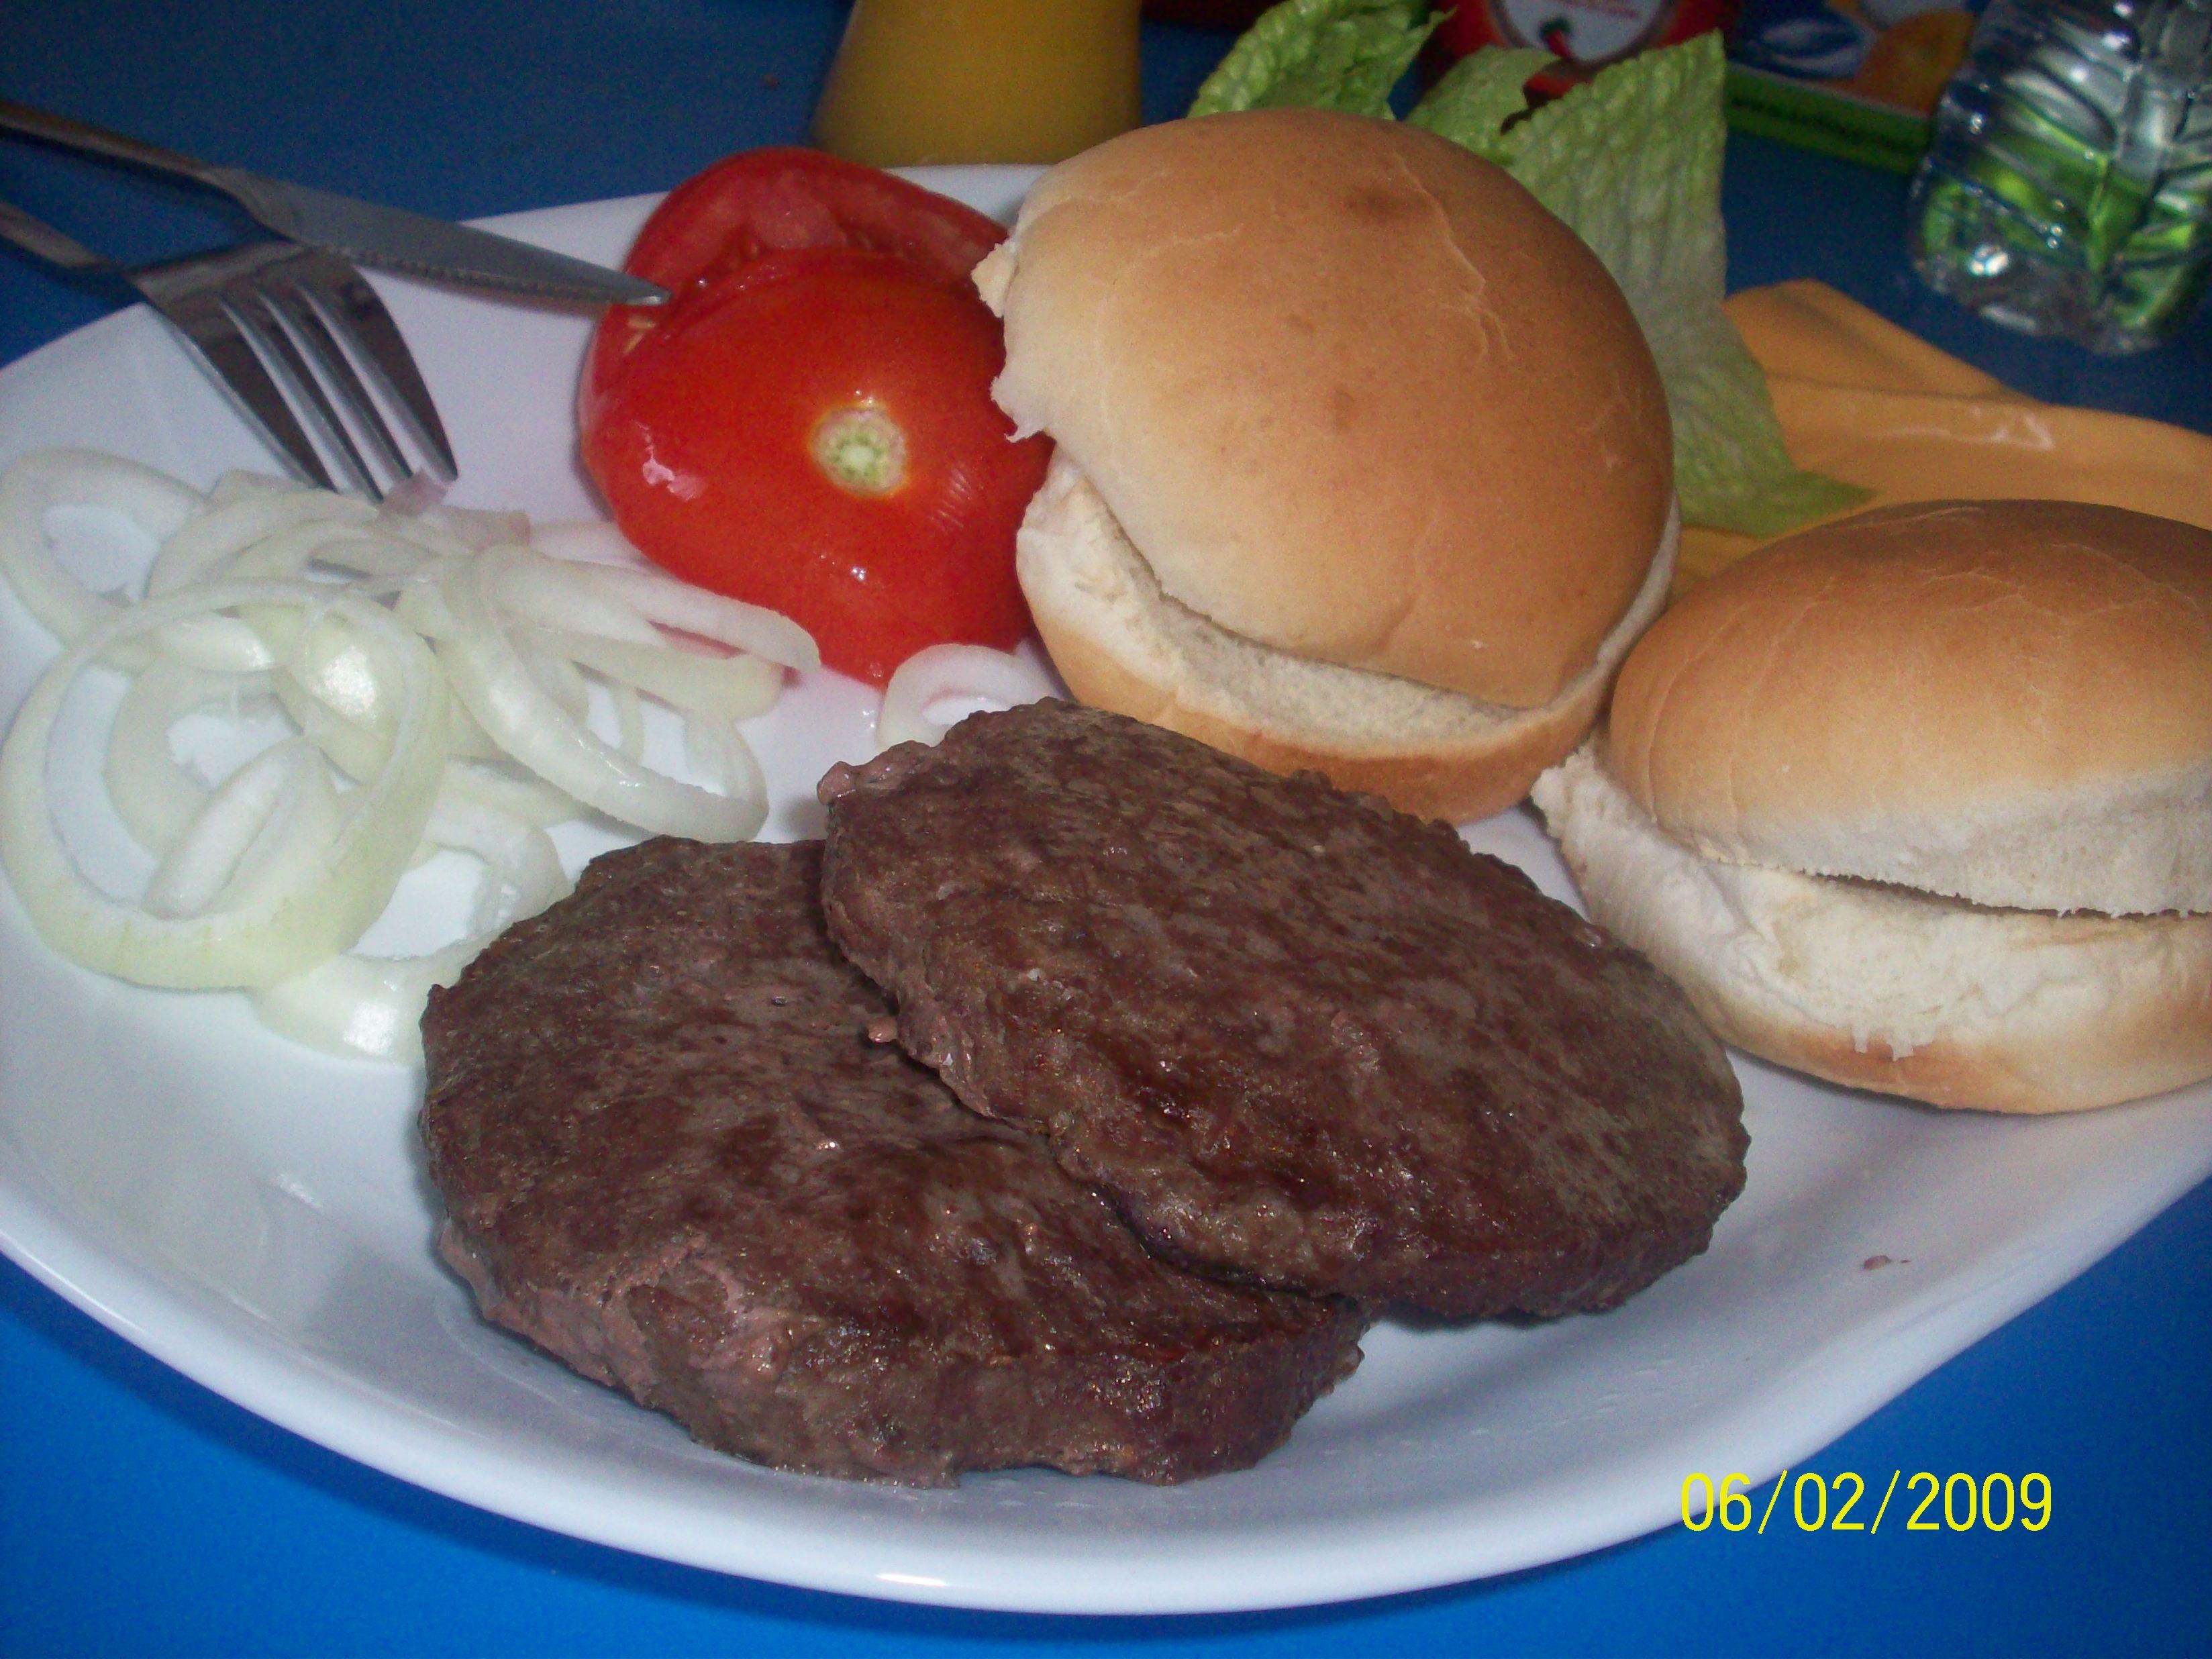 http://foodloader.net/cutie_2009-02-06_Angus_Burger1.jpg